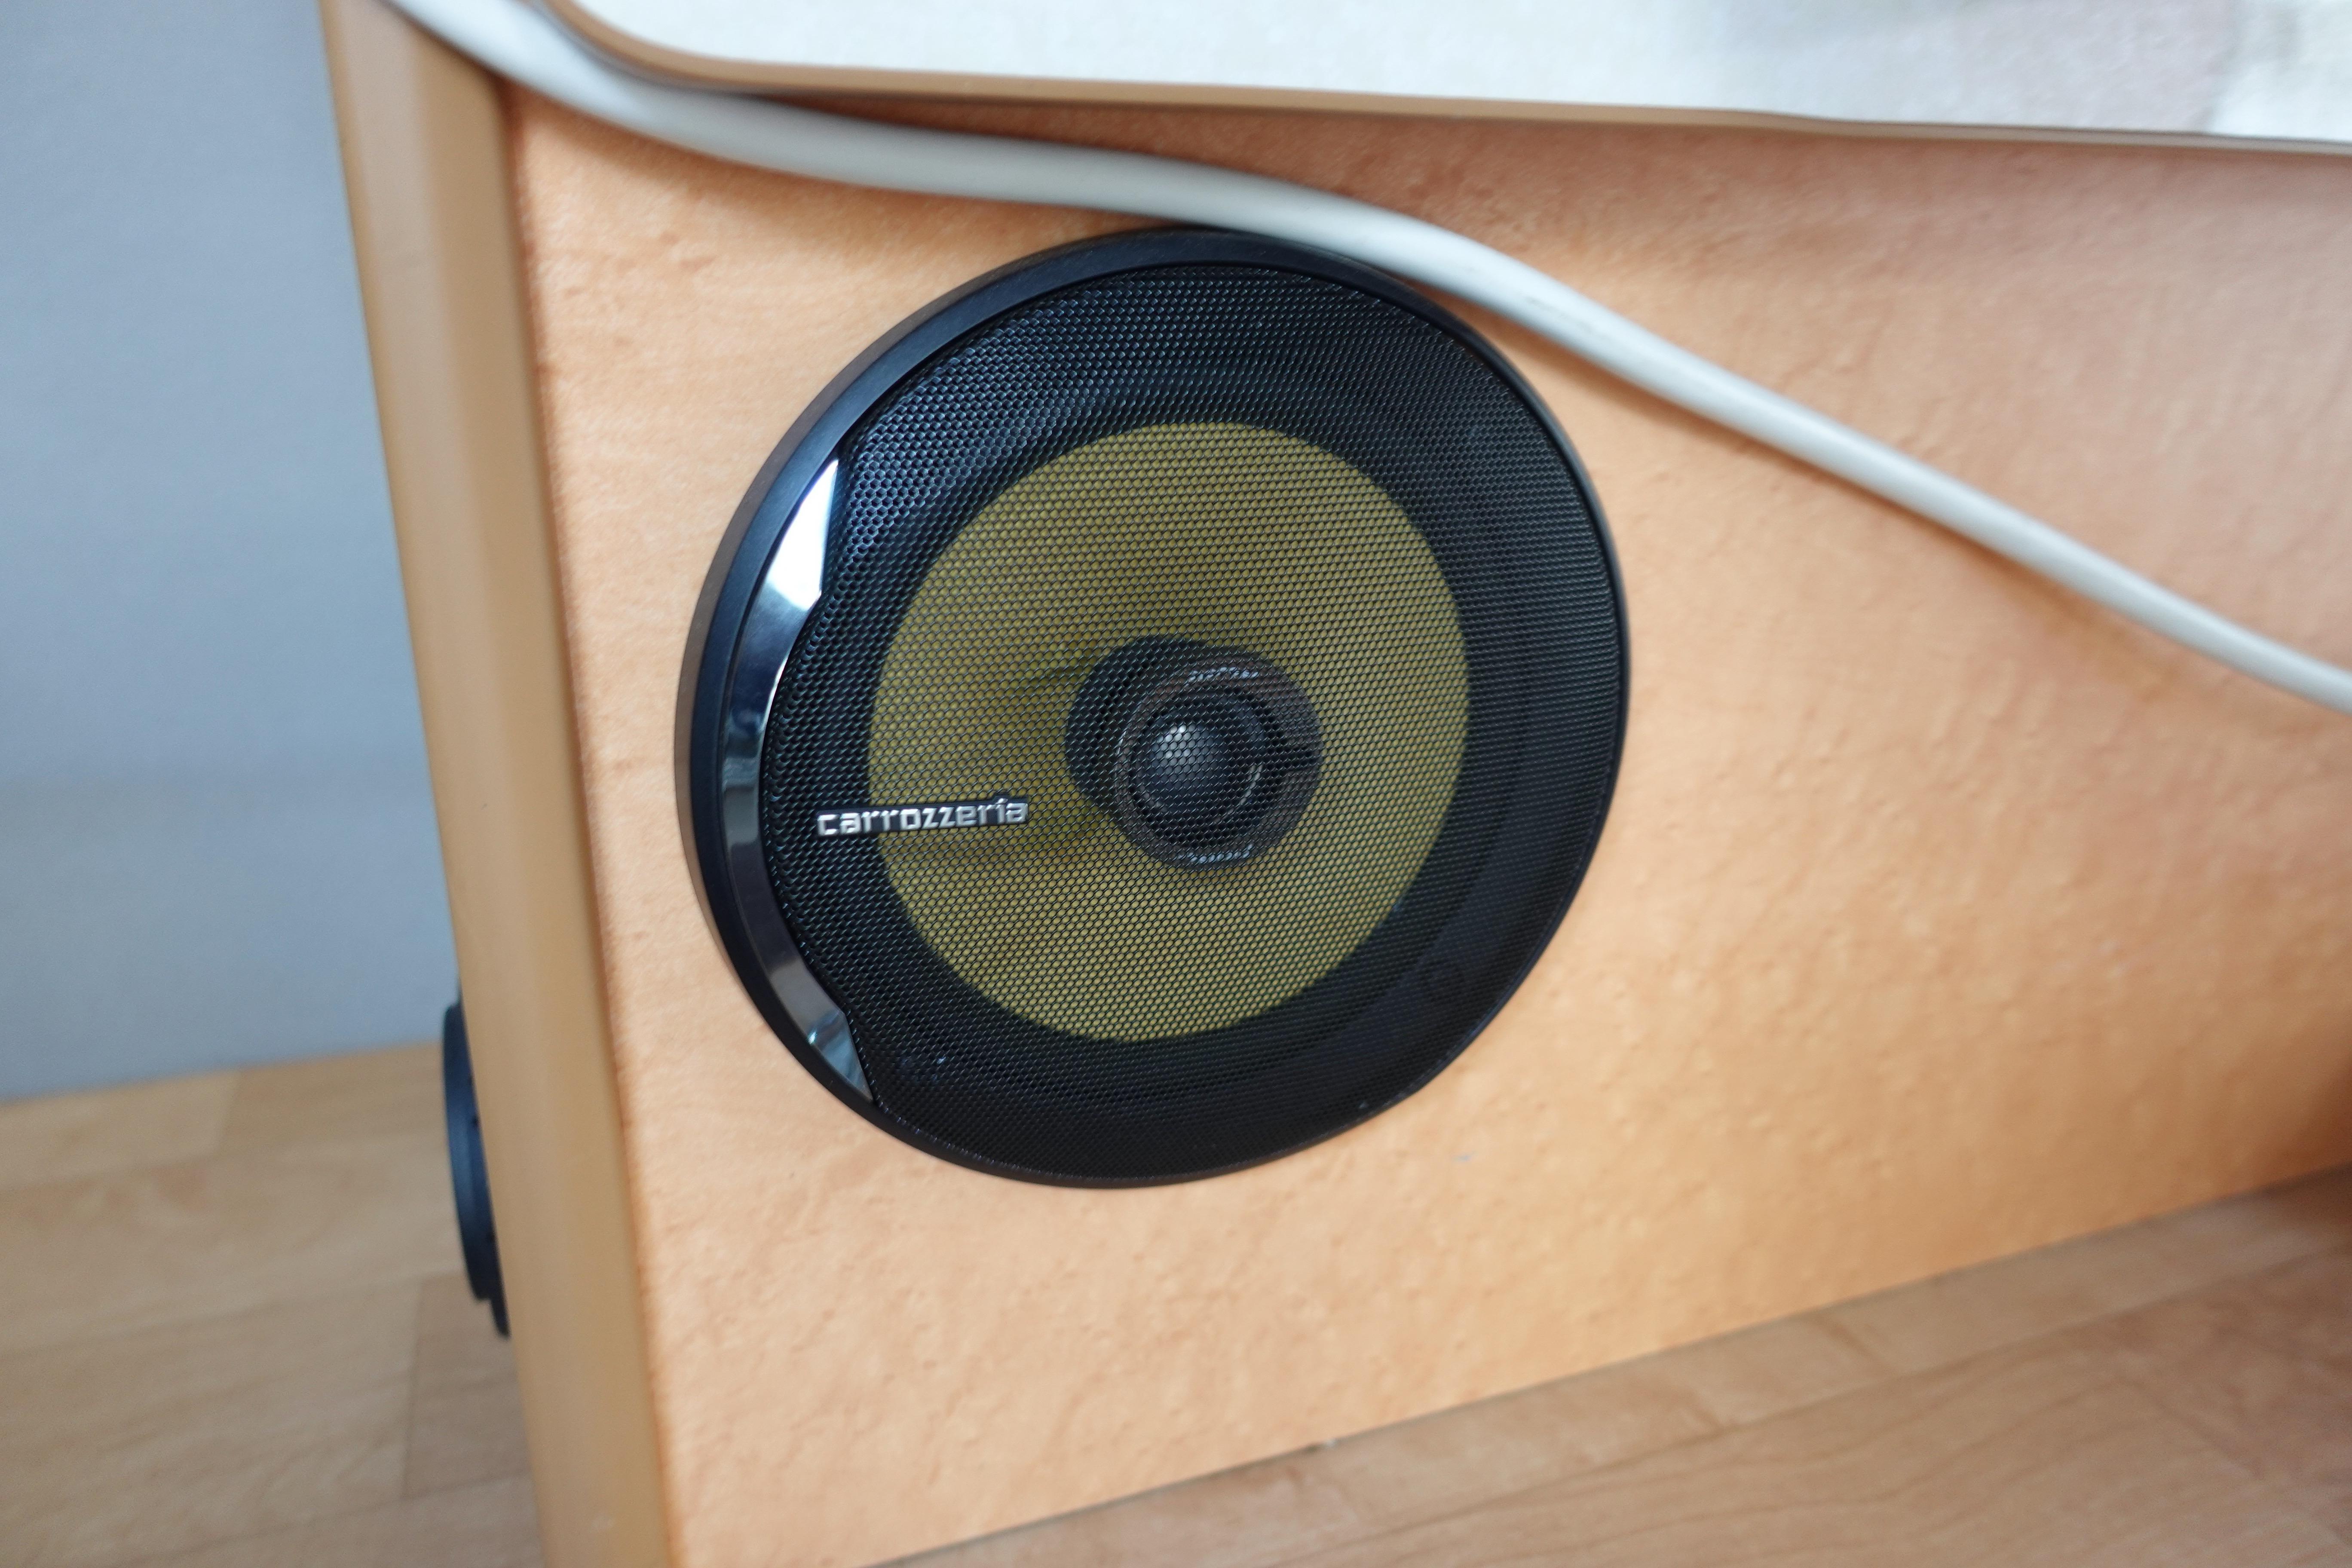 (5)内観(設備等) 高音質のスピーカーも搭載。スマホの音楽をBluetooth経由で再生できます。